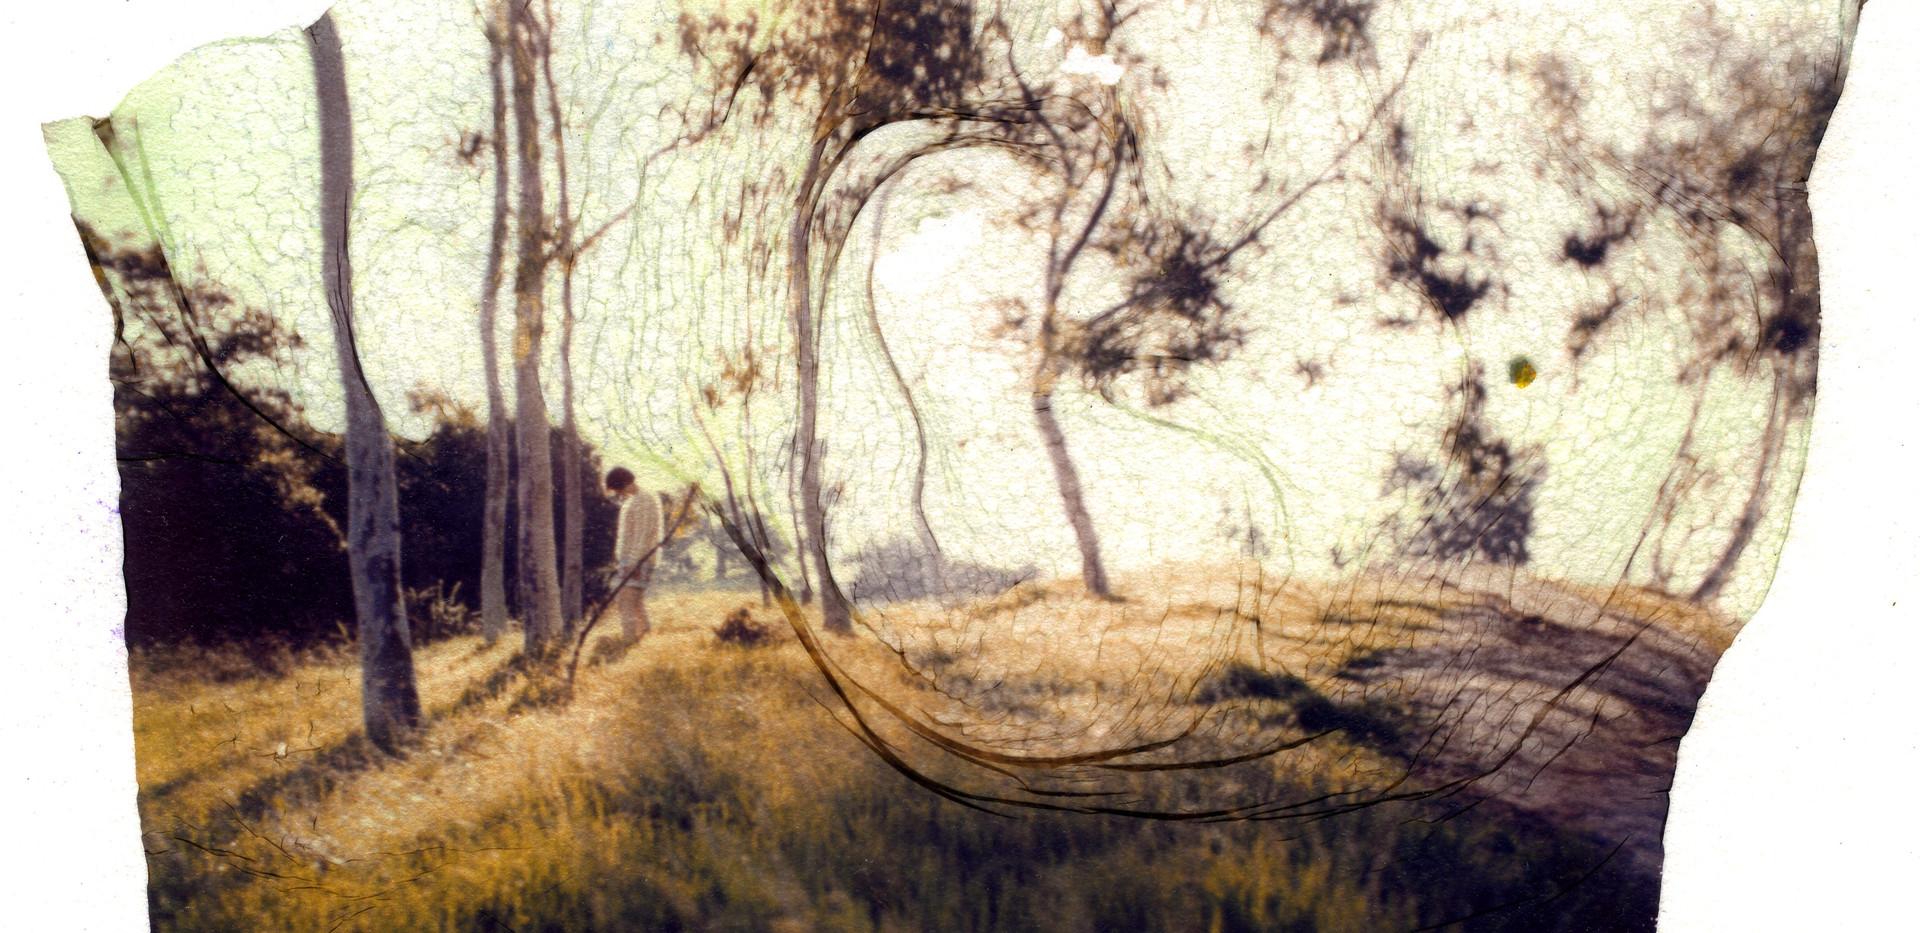 Emulsion Tran - Trees001.jpg